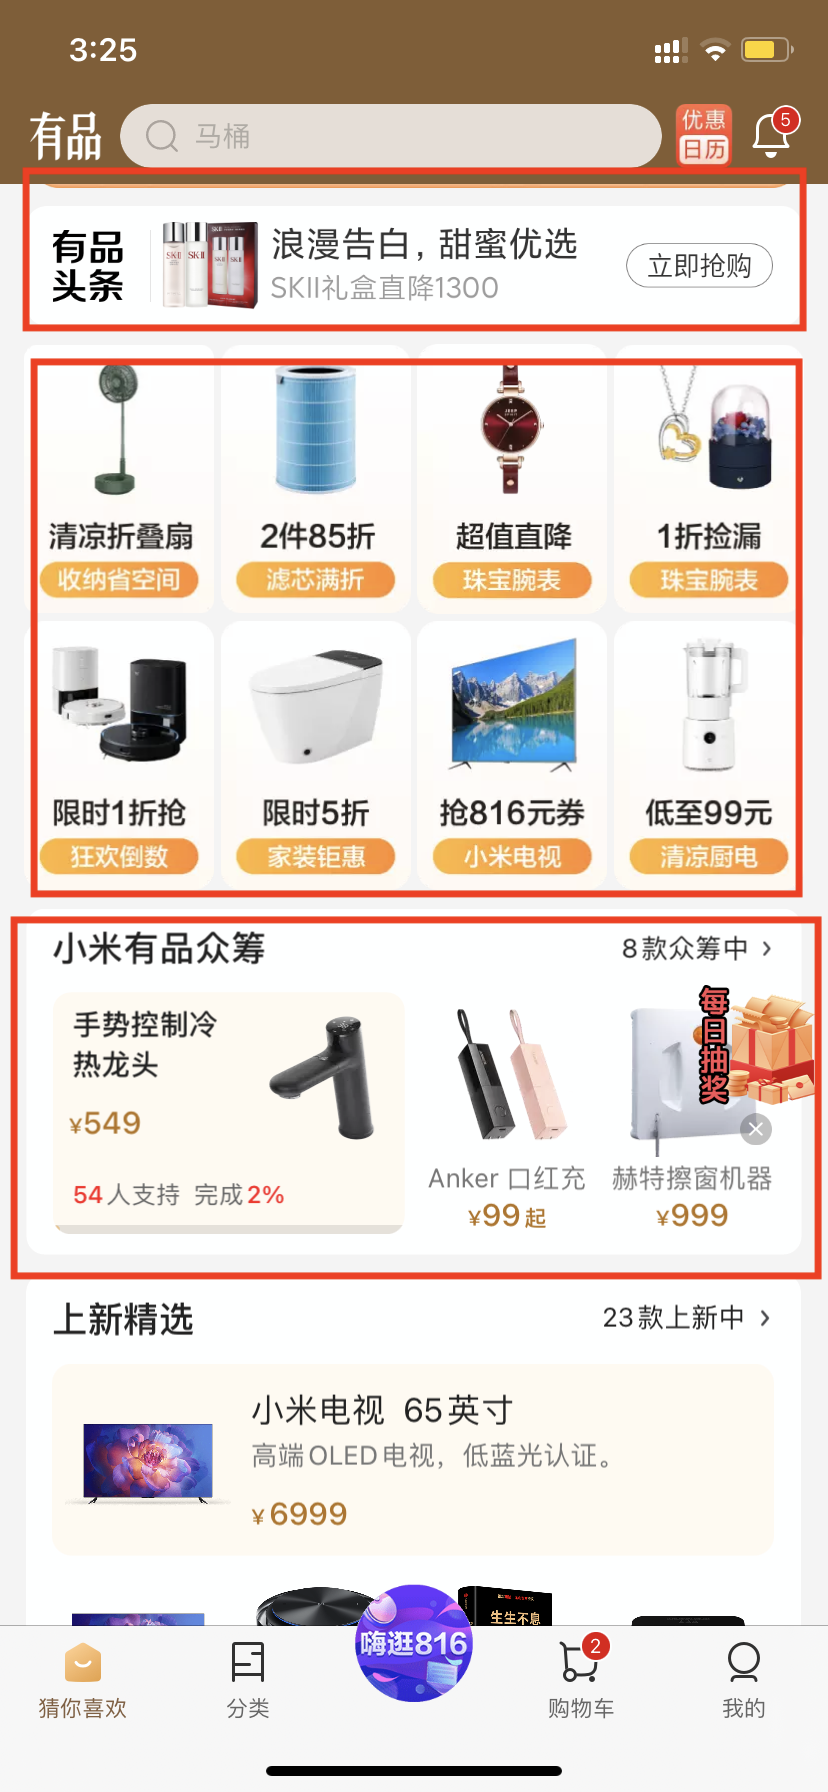 小米有品产品分析报告 小米有品 第41张